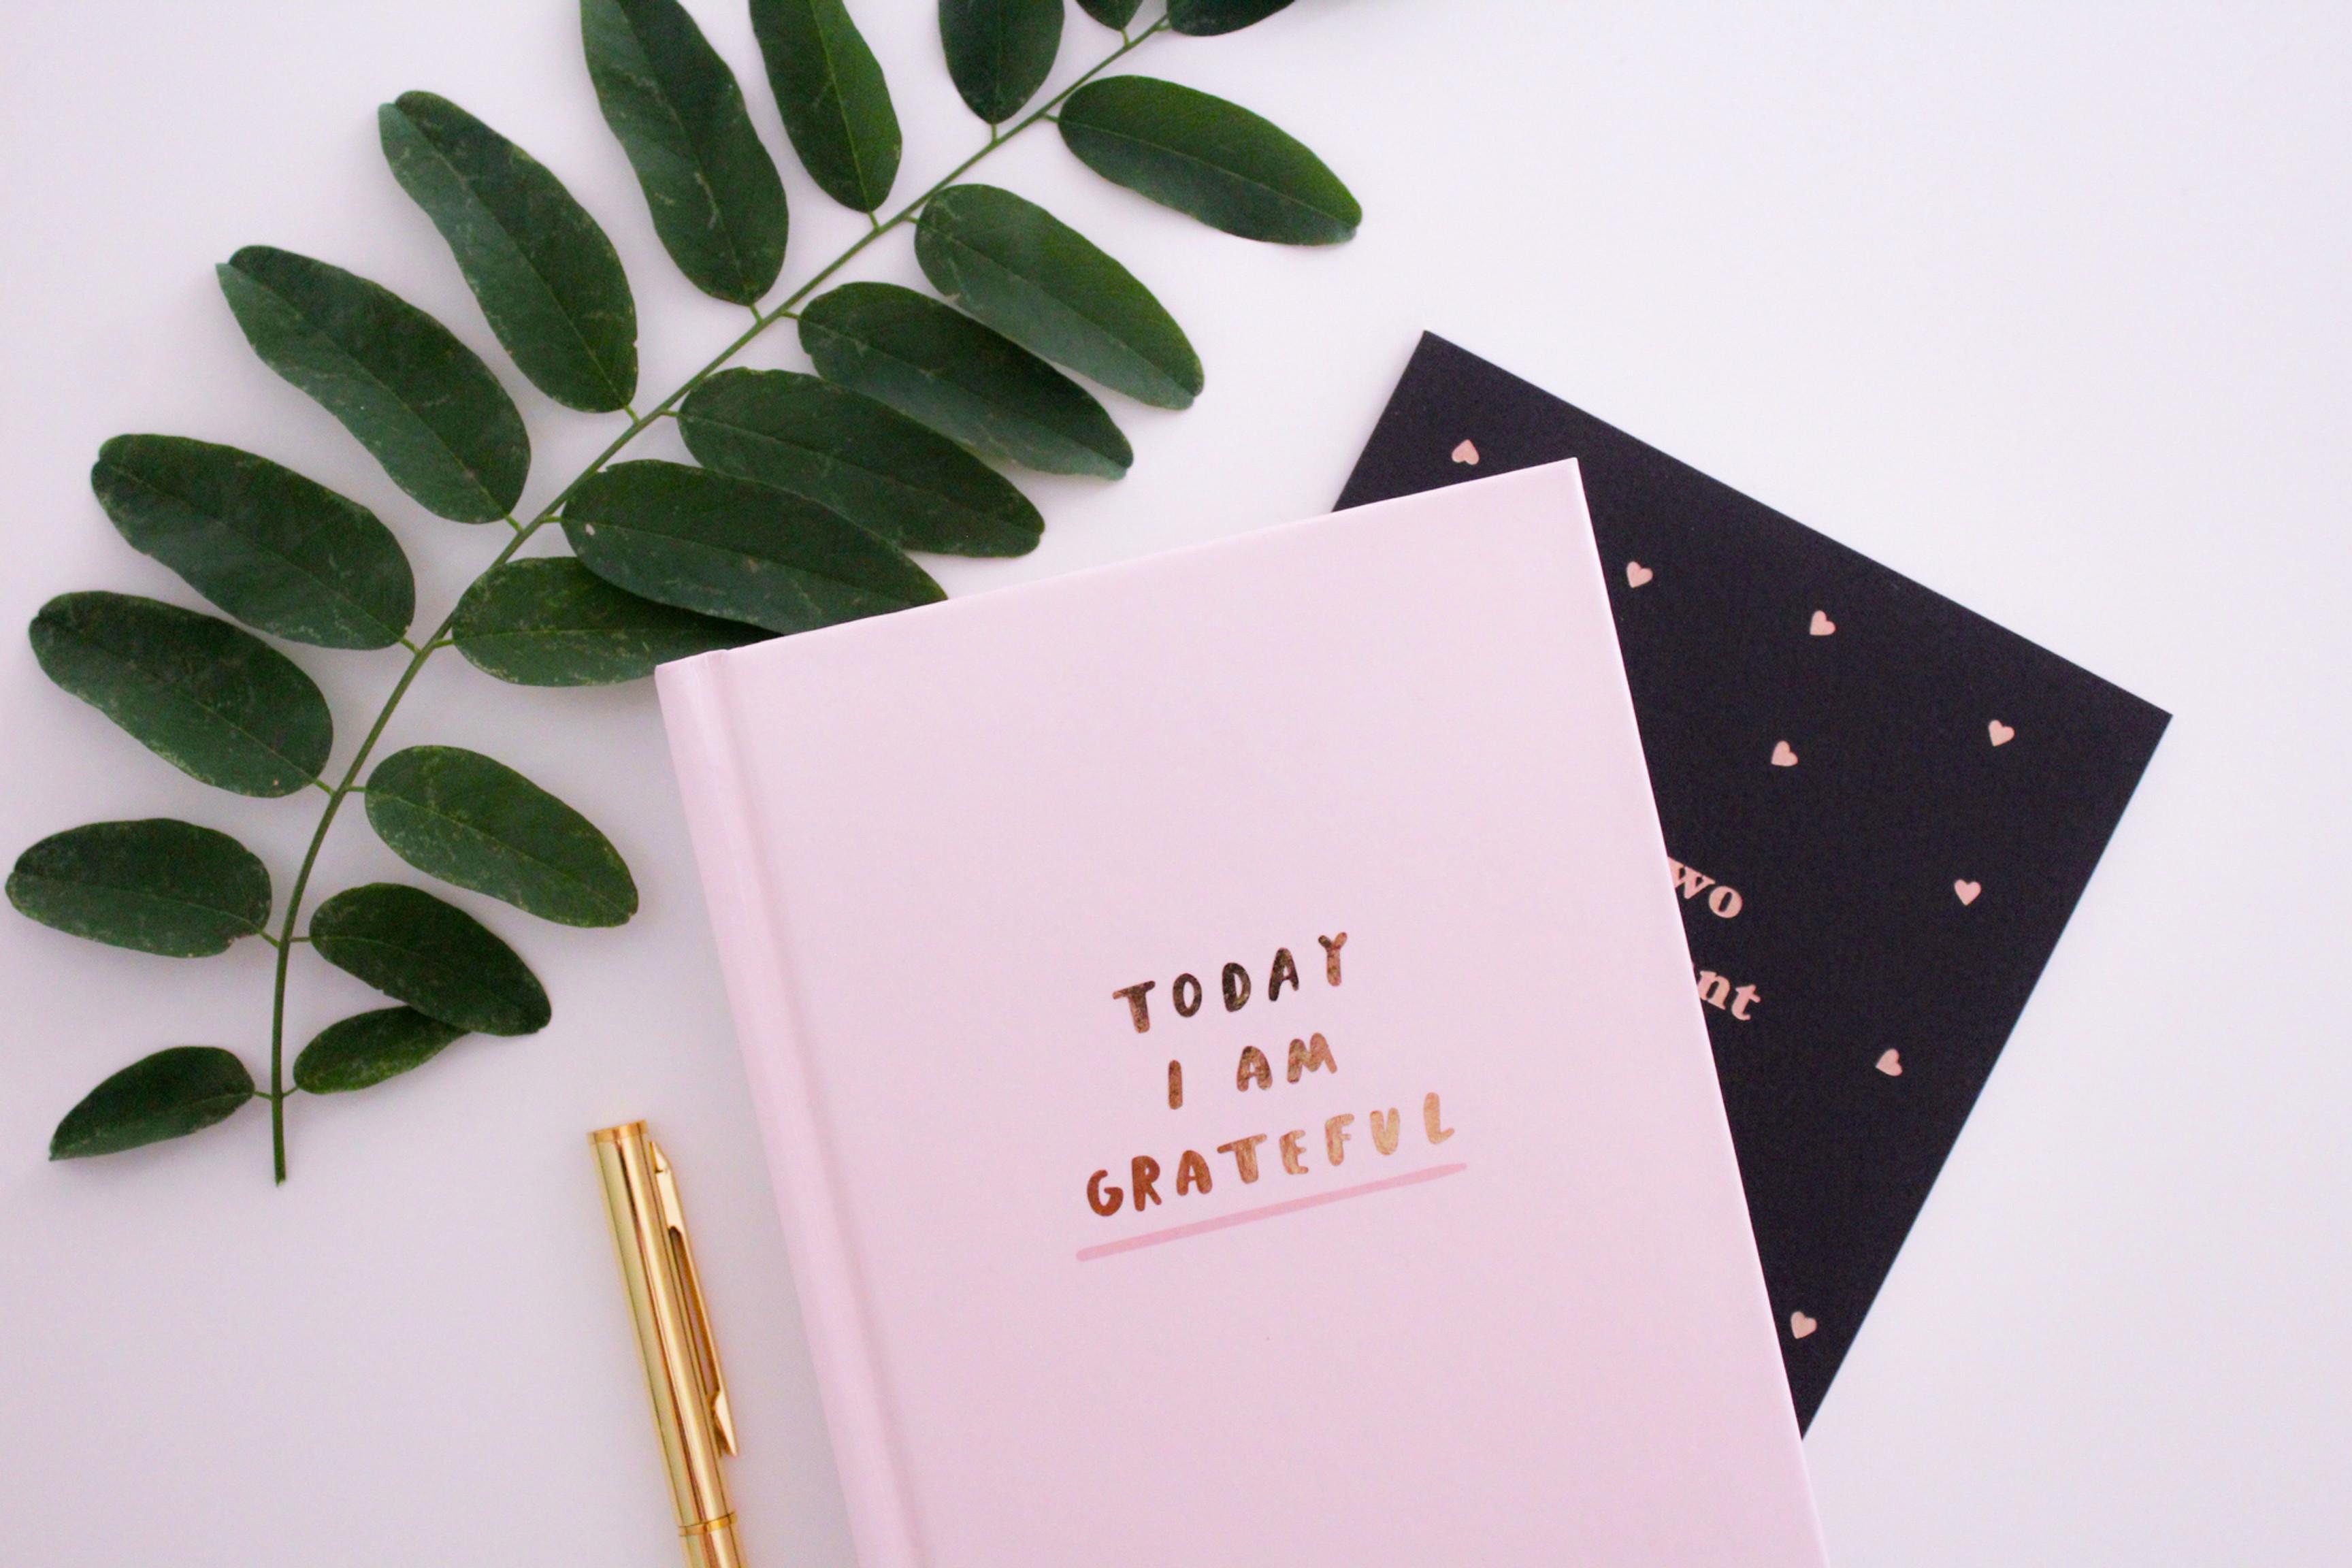 Gratitude Workshops for Teams